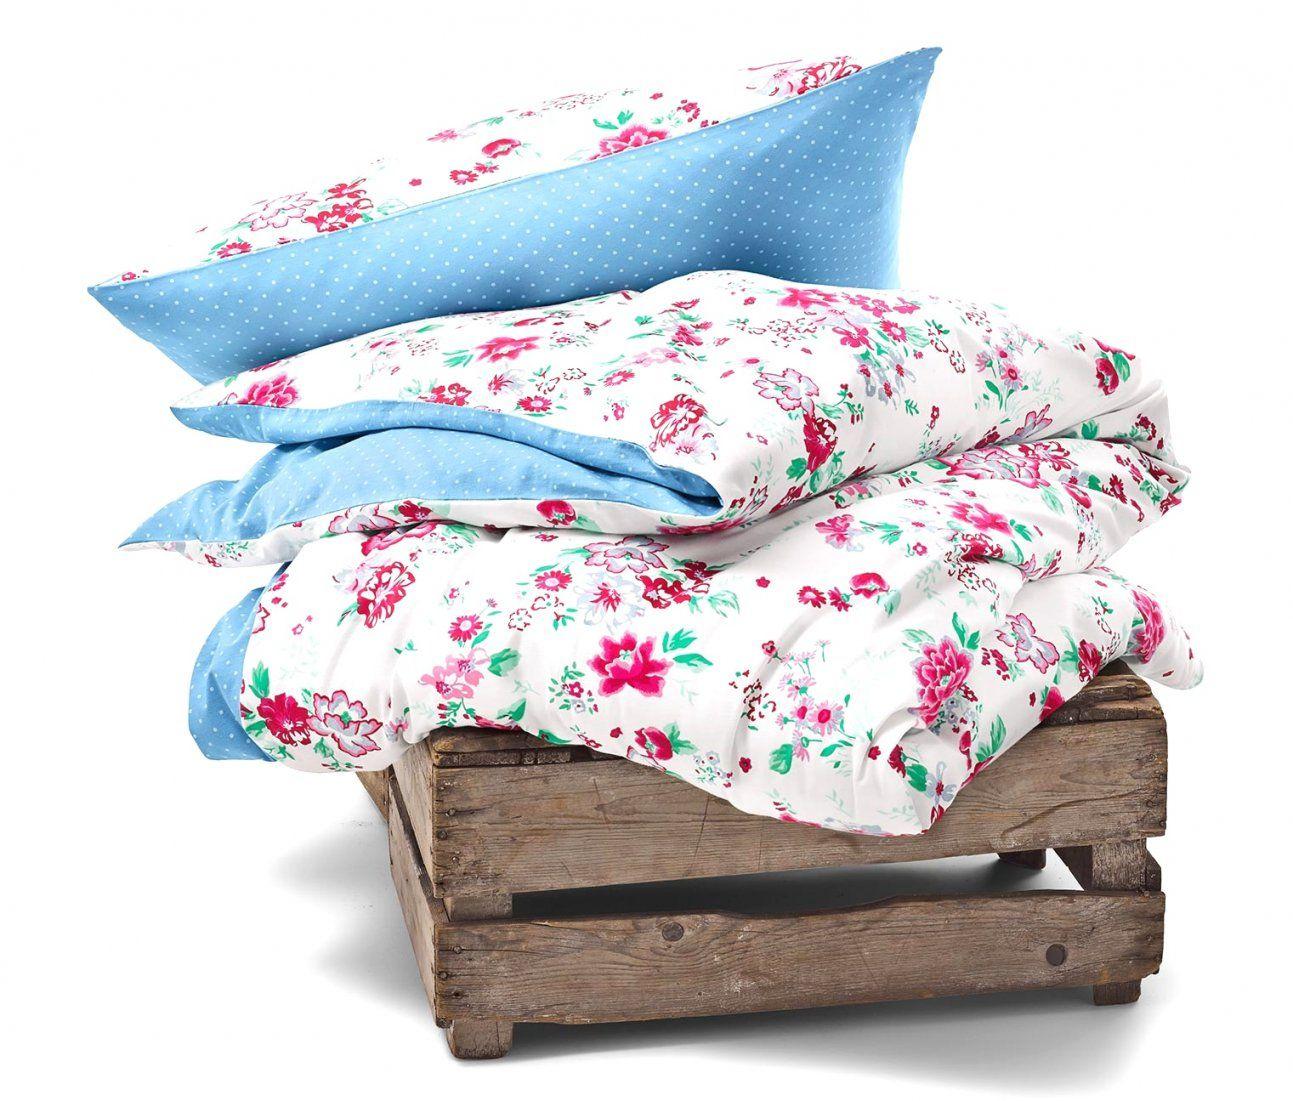 Schöne Ideen Jersey Bettwäsche Tchibo Und Wunderbare Wende von Tchibo Bettwäsche Jersey Photo